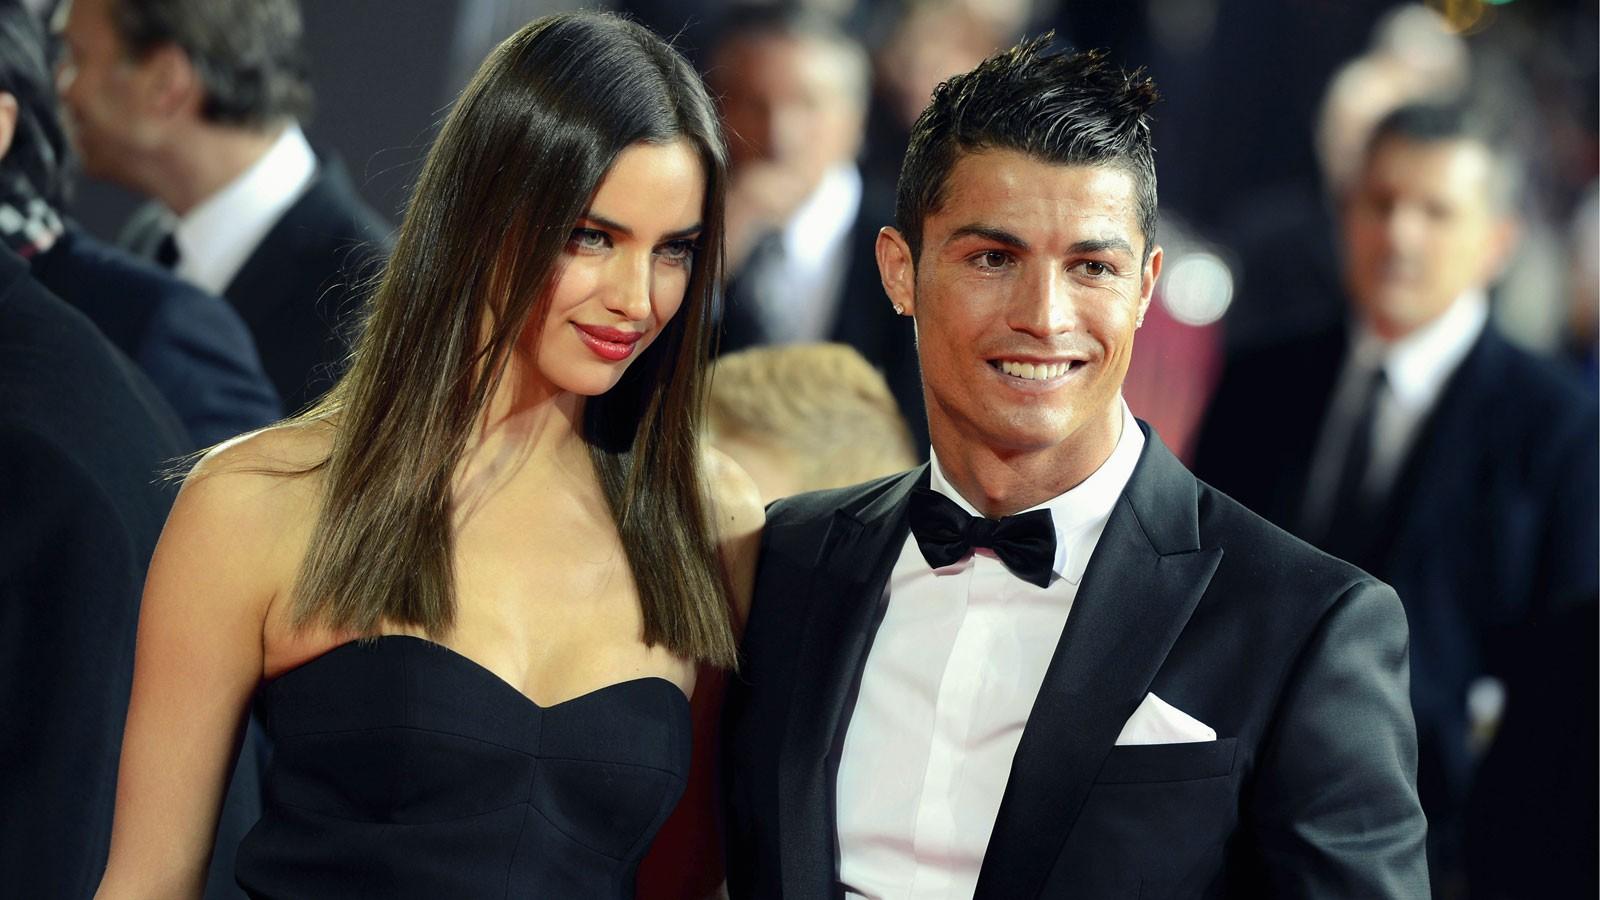 Siêu mẫu Nga nóng bỏng bóc phốt Ronaldo: Đổi đời nhờ nhan sắc, được đại gia bao nuôi và cái kết viên mãn bên tài tử - Ảnh 15.